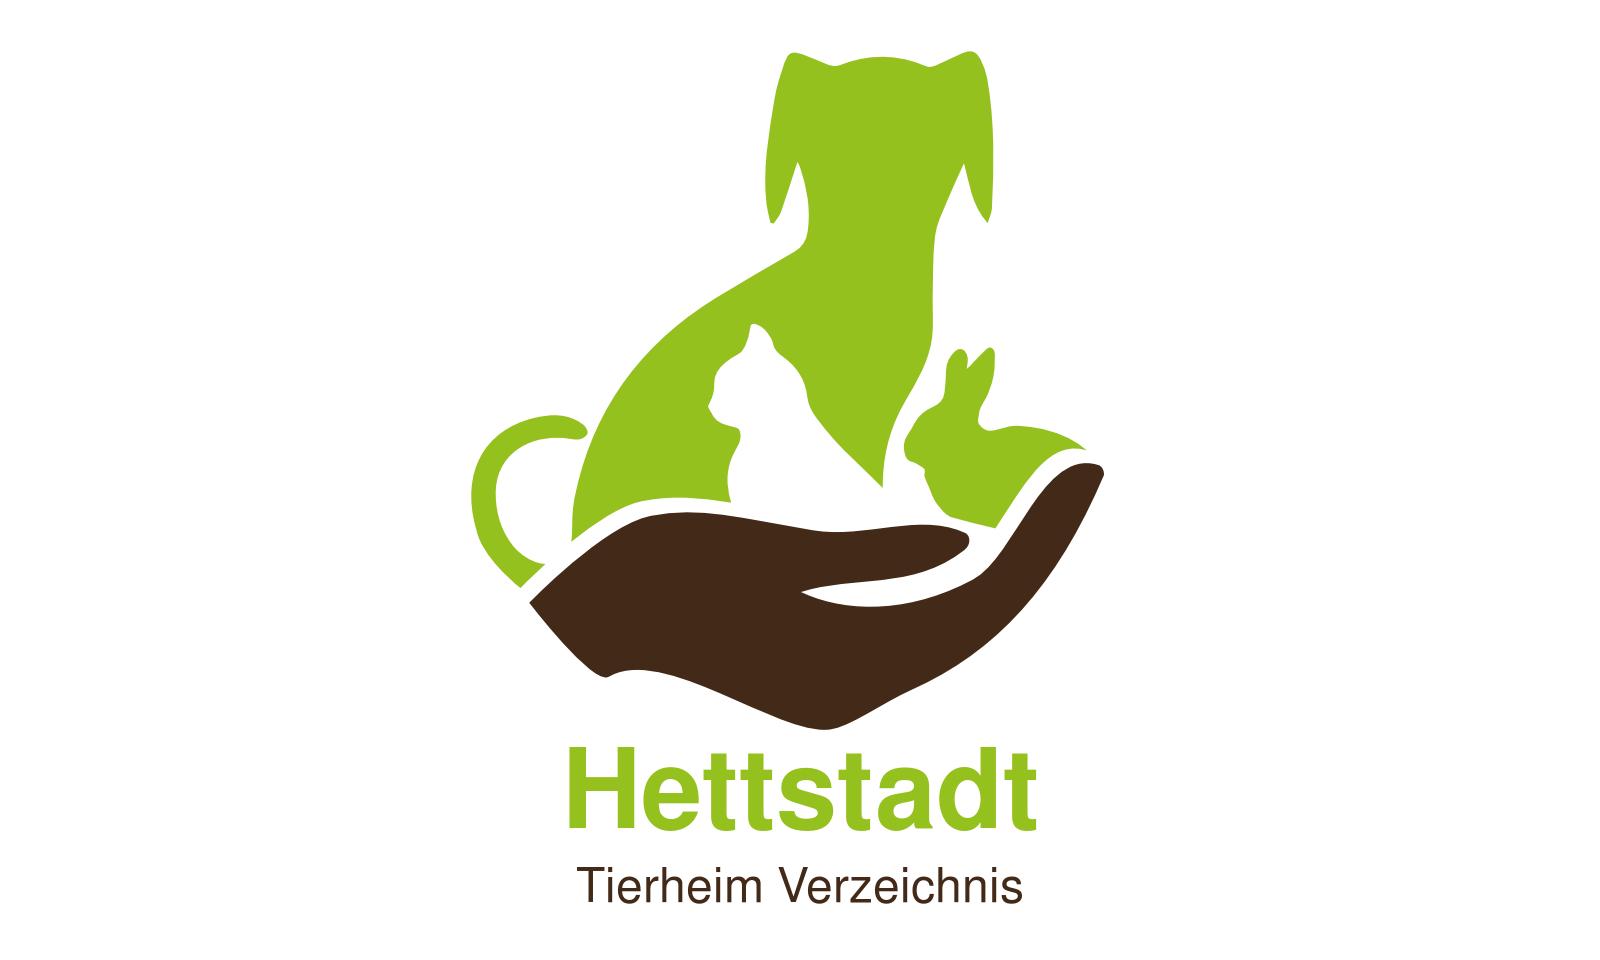 Tierheim Hettstadt